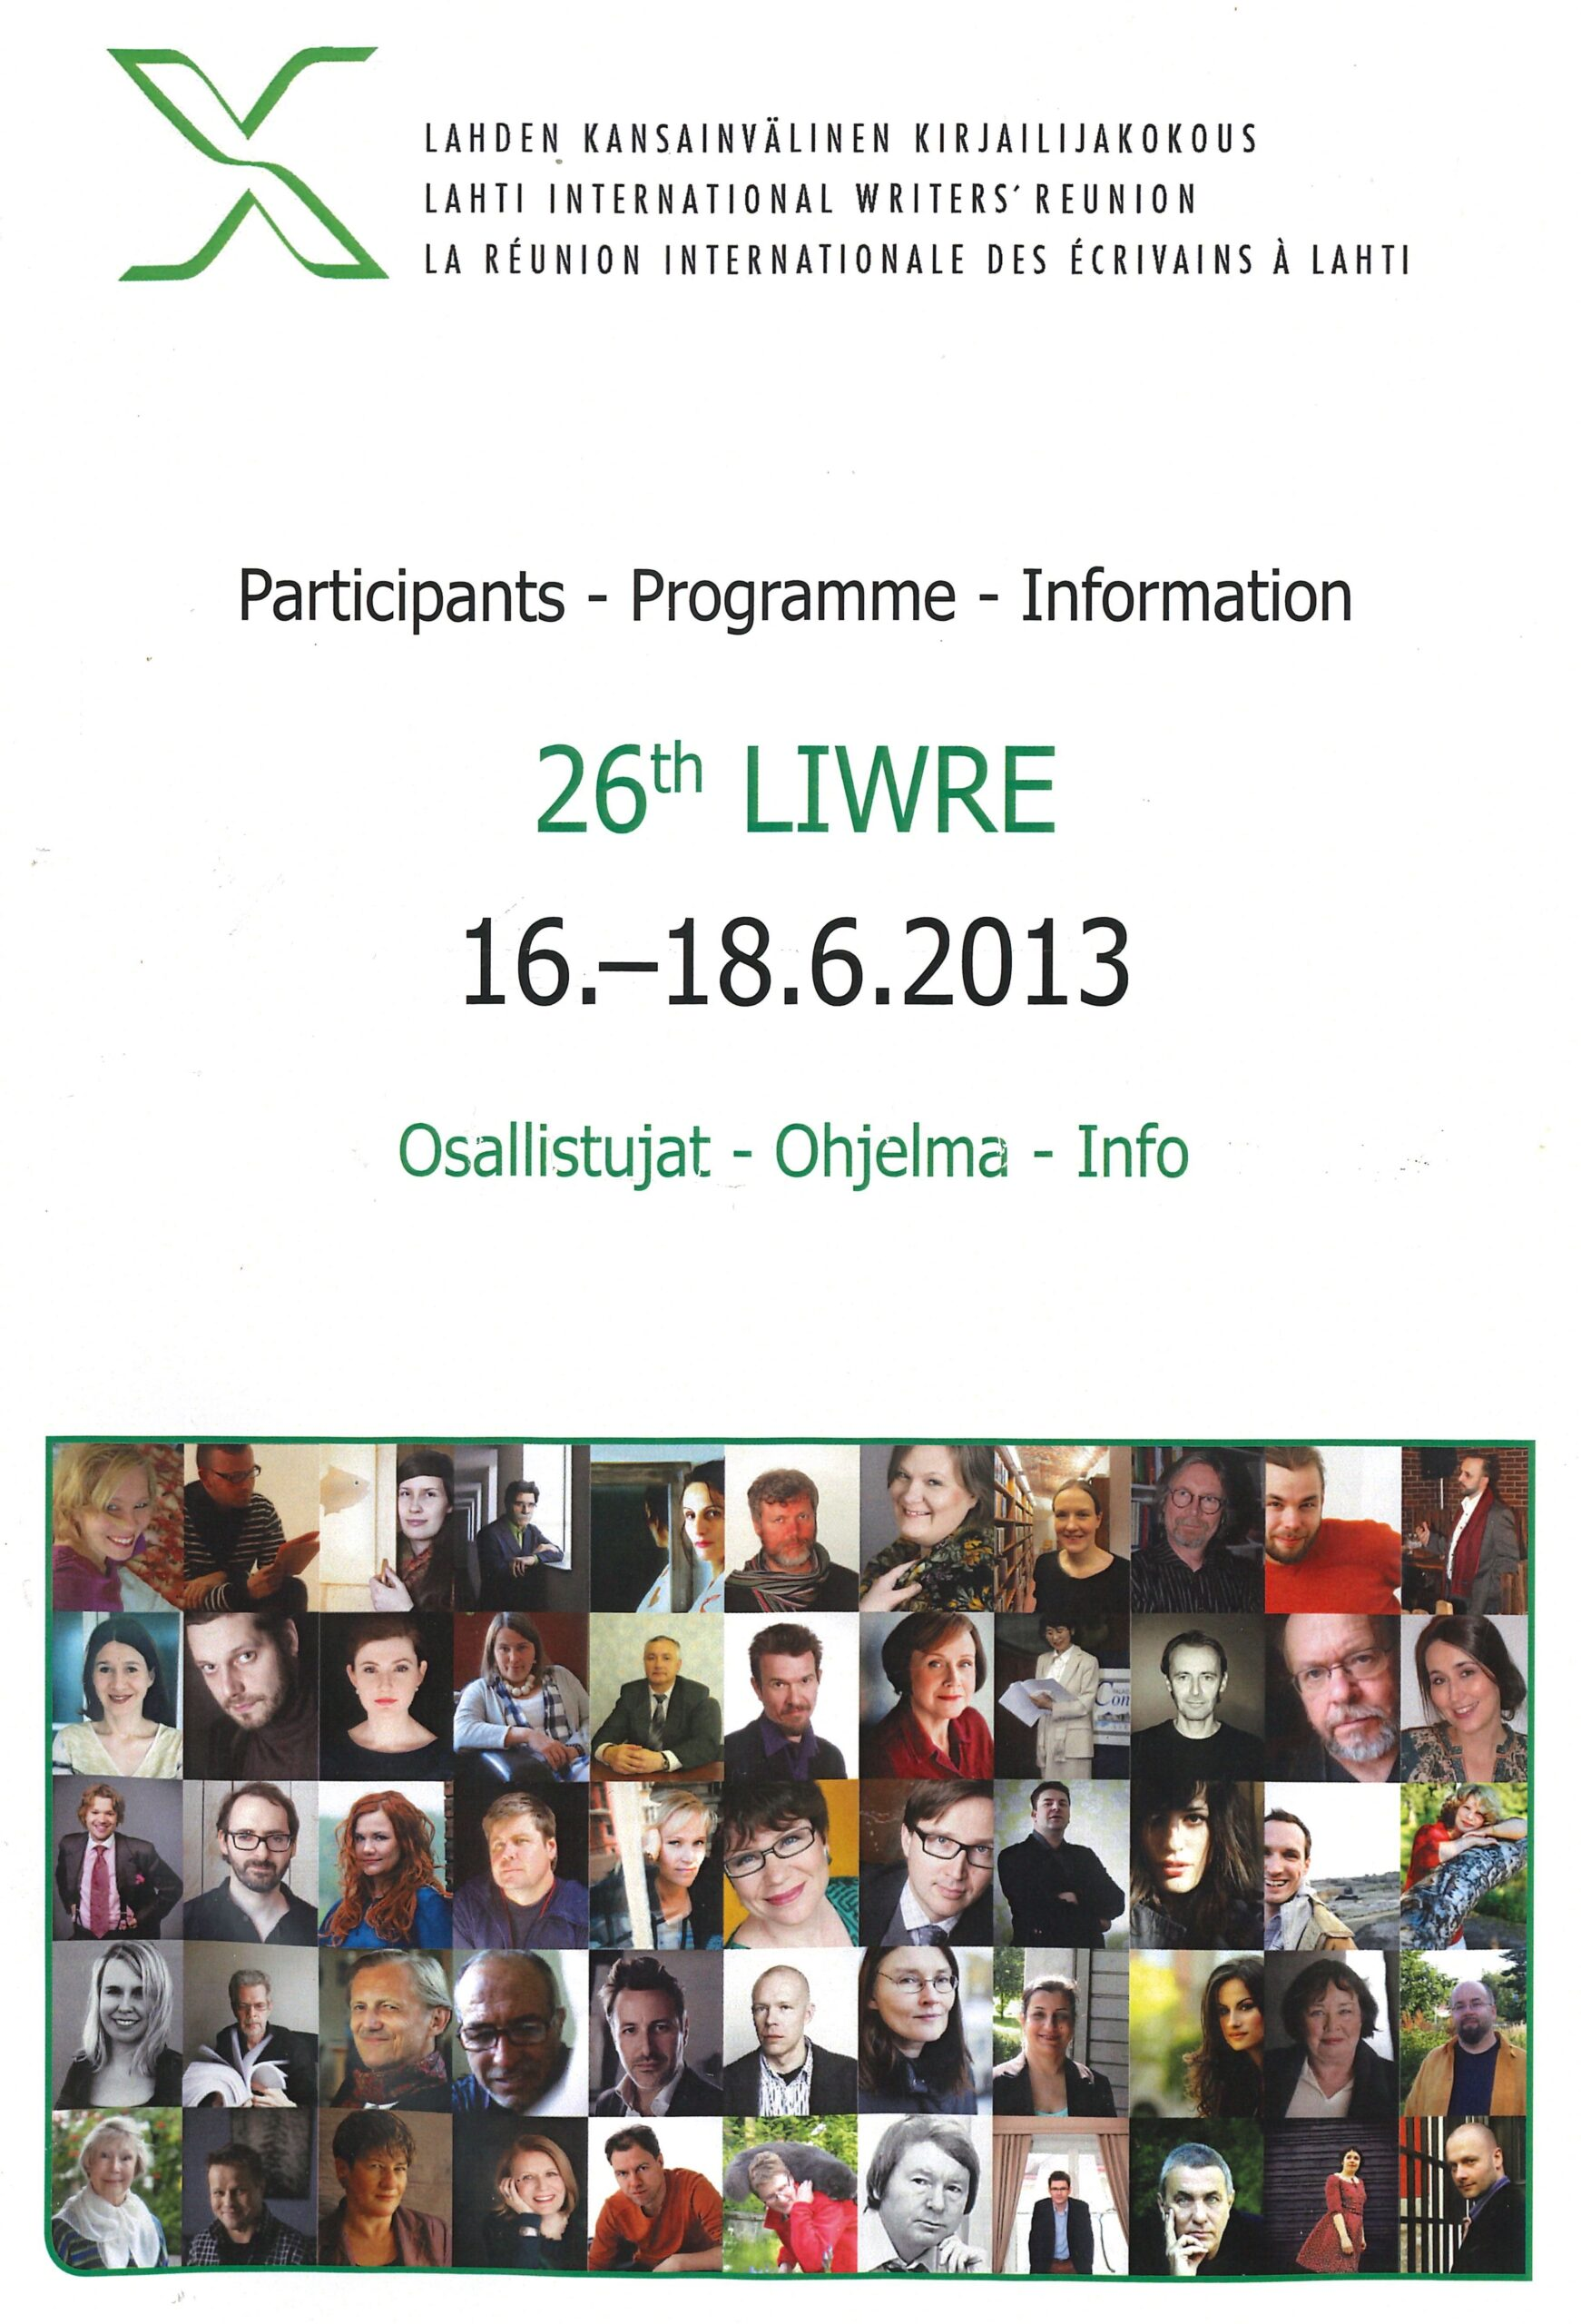 Lahti International Writers' Reunion